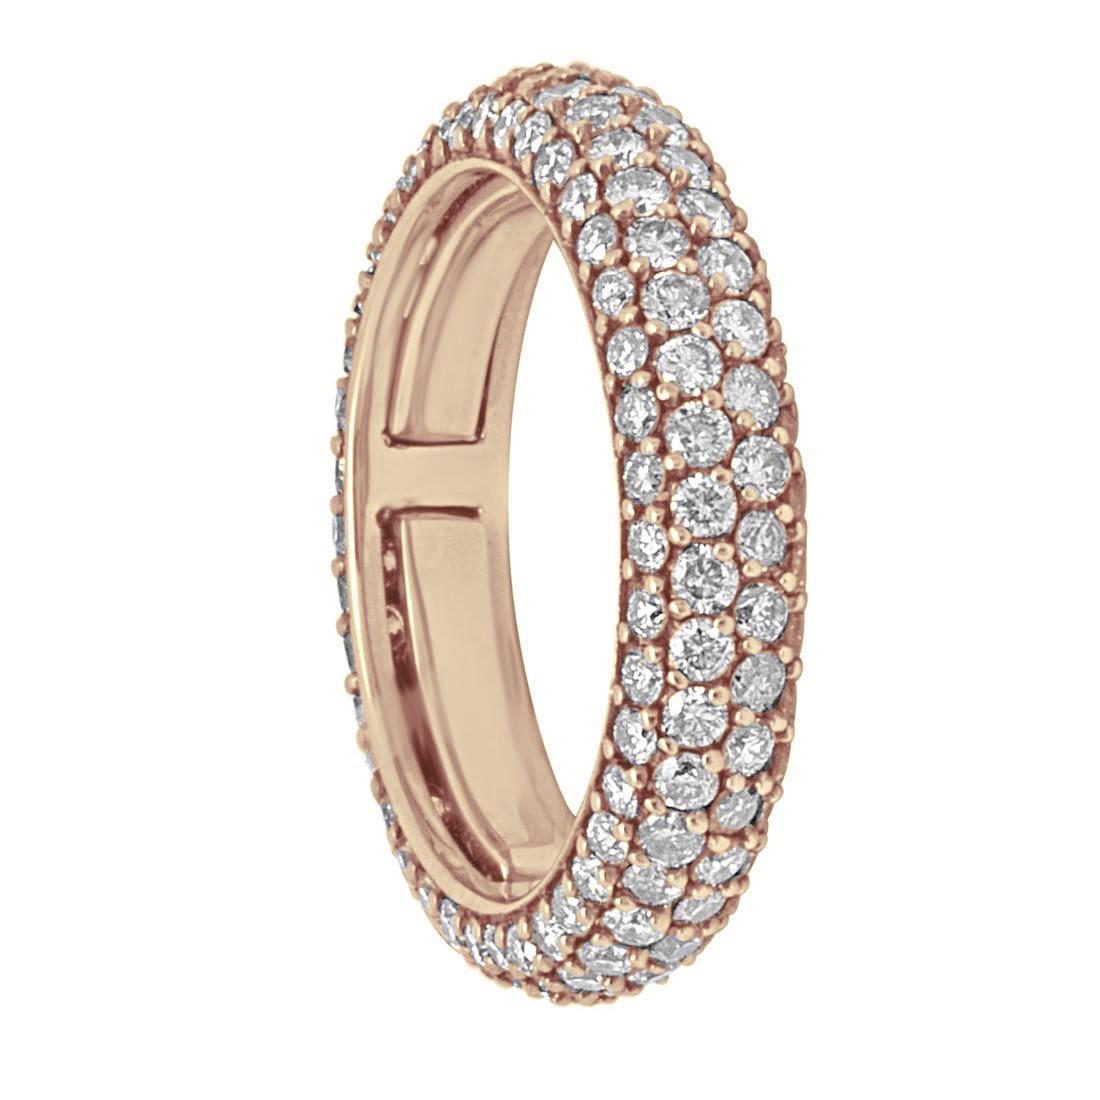 Anello Alfieri & St John in oro rosao e diamanti ct 2.70 - ALFIERI & ST.JOHN